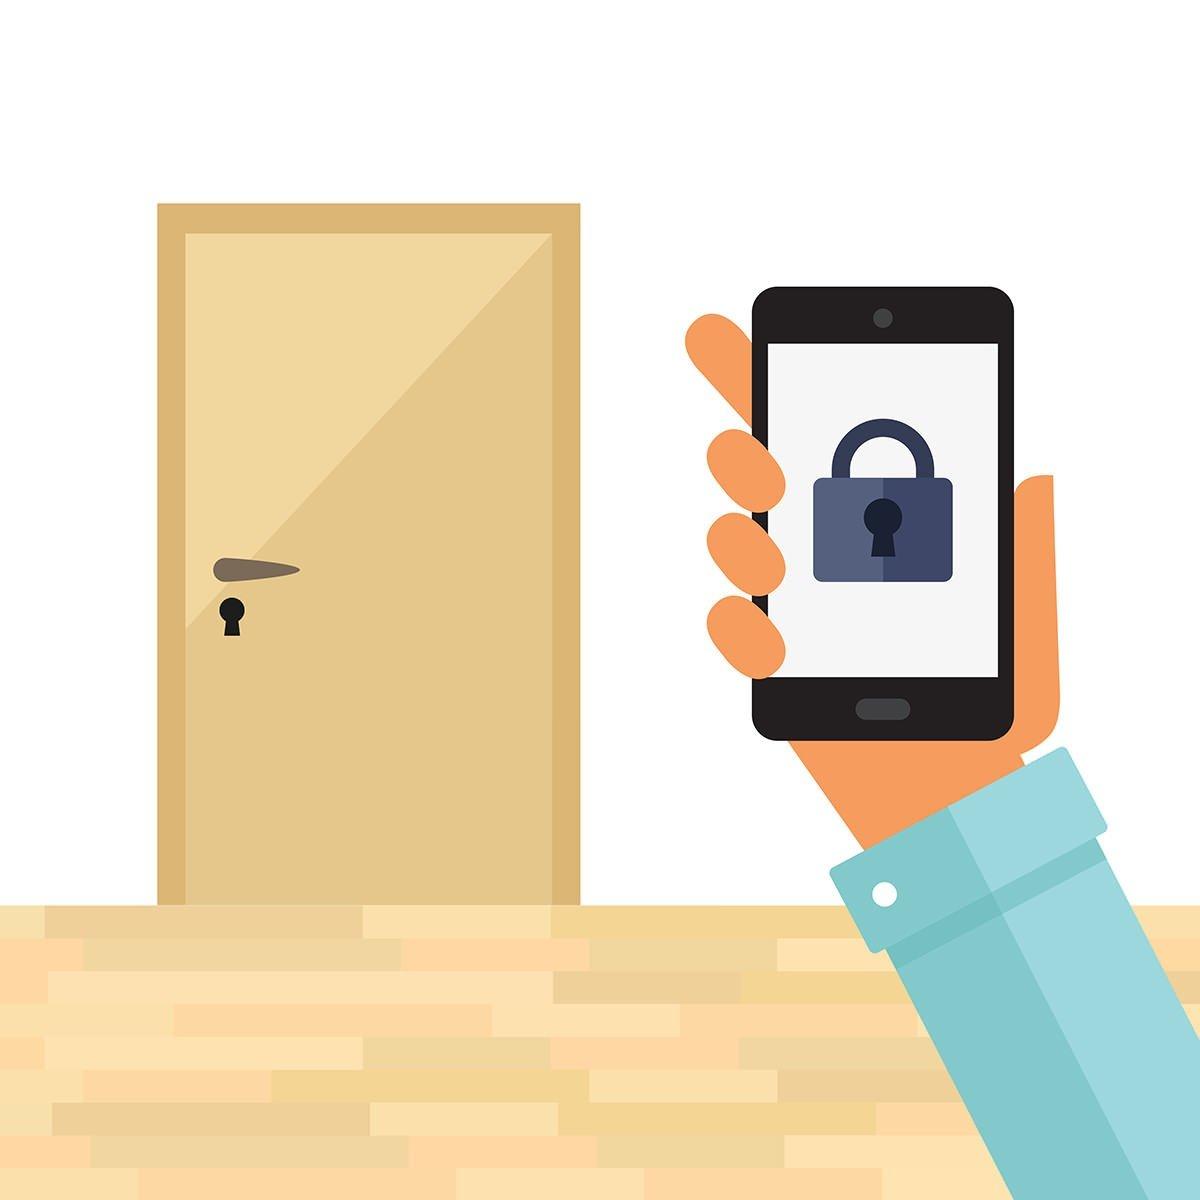 I en future living bolig kan man låse opp eller igjen døren med telefonen